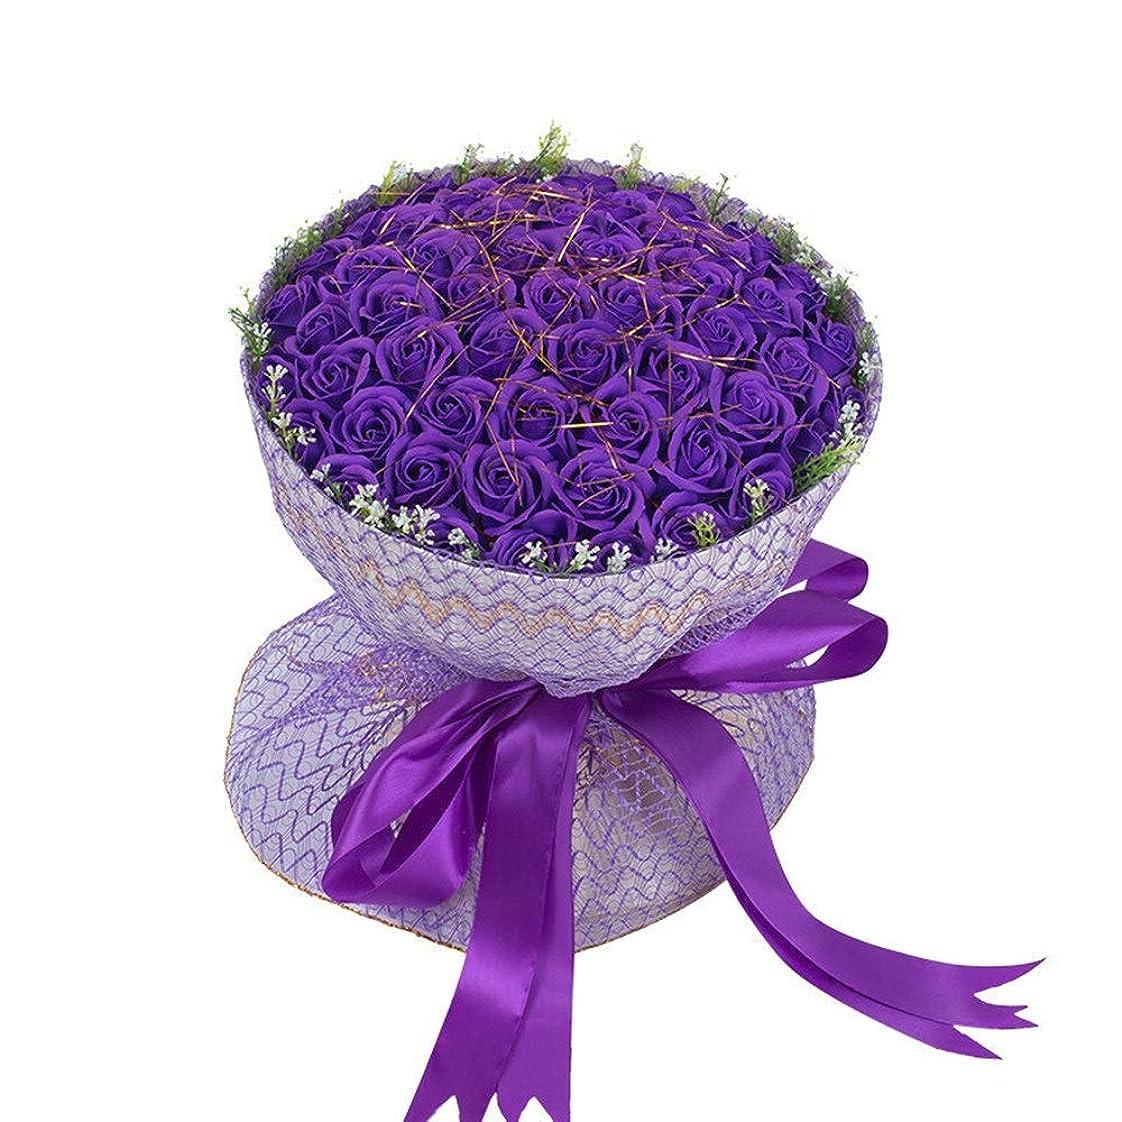 ウォーターフロント正午大造花 人工バラの花ブーケフェイクフラワー付き花瓶フェイクブライダルウェディングブーケのホームガーデンパーティーの花の装飾99pcs (色 : 紫の, サイズ : 45CM)